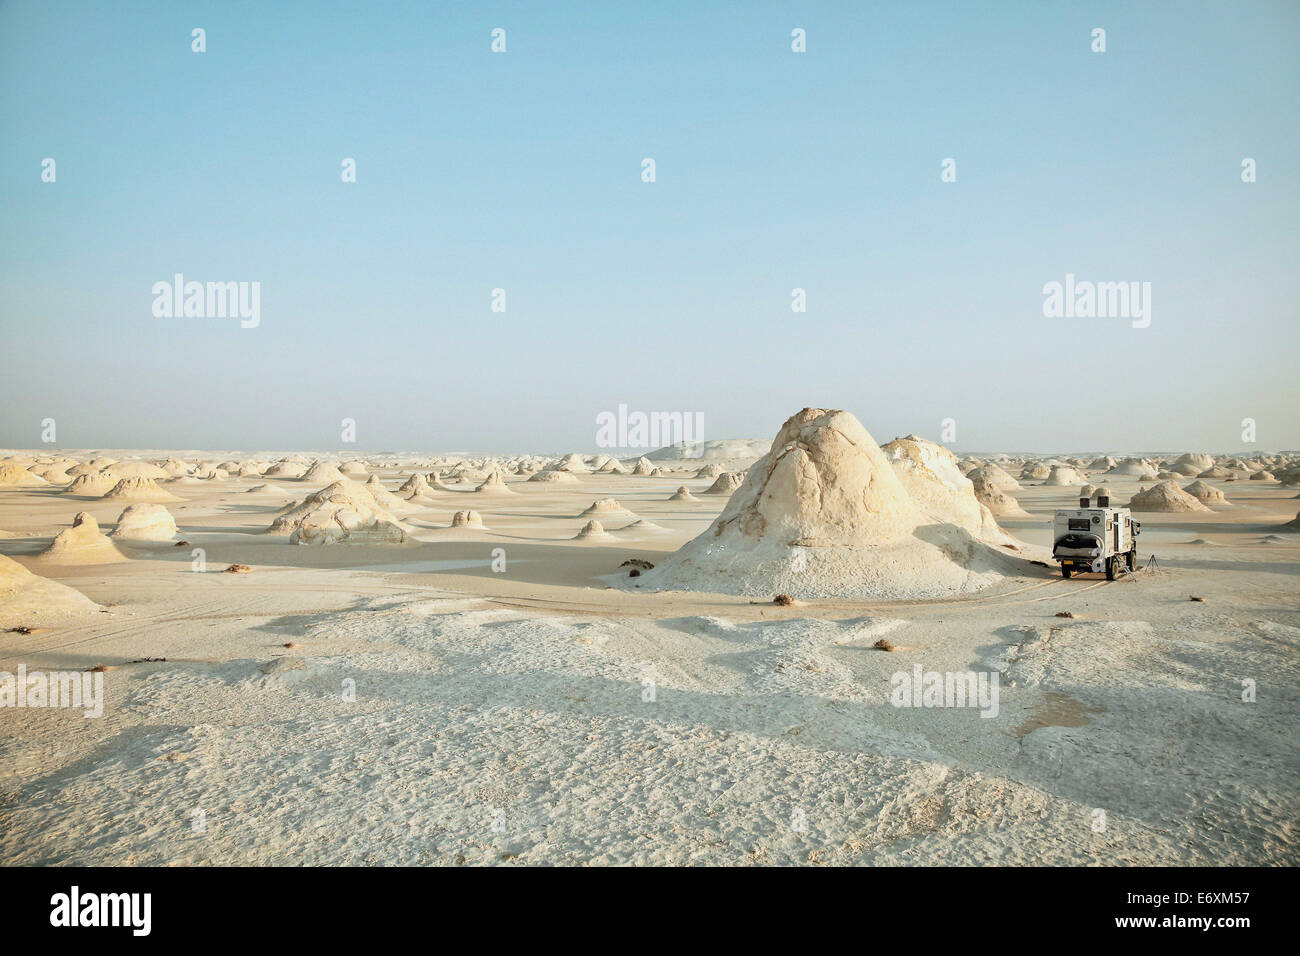 Camper in the white desert, Egypt, Africa - Stock Image